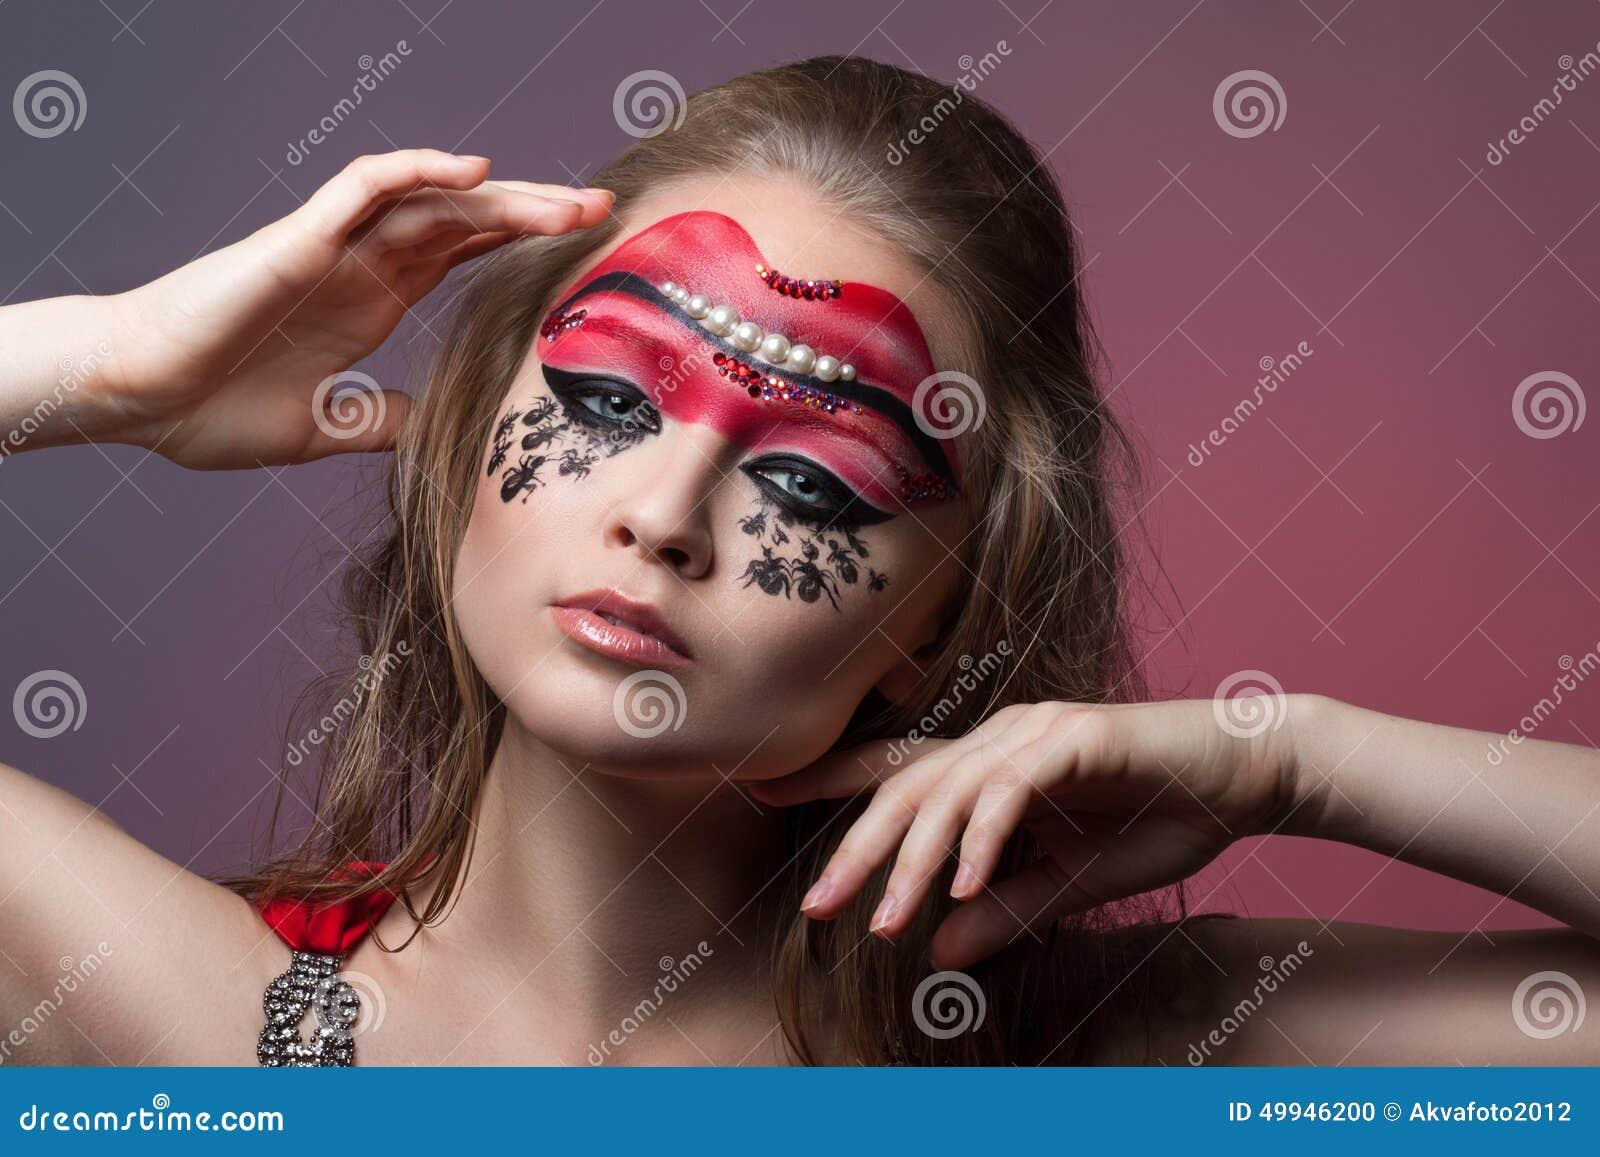 Muchacha con maquillaje creativo en su cara